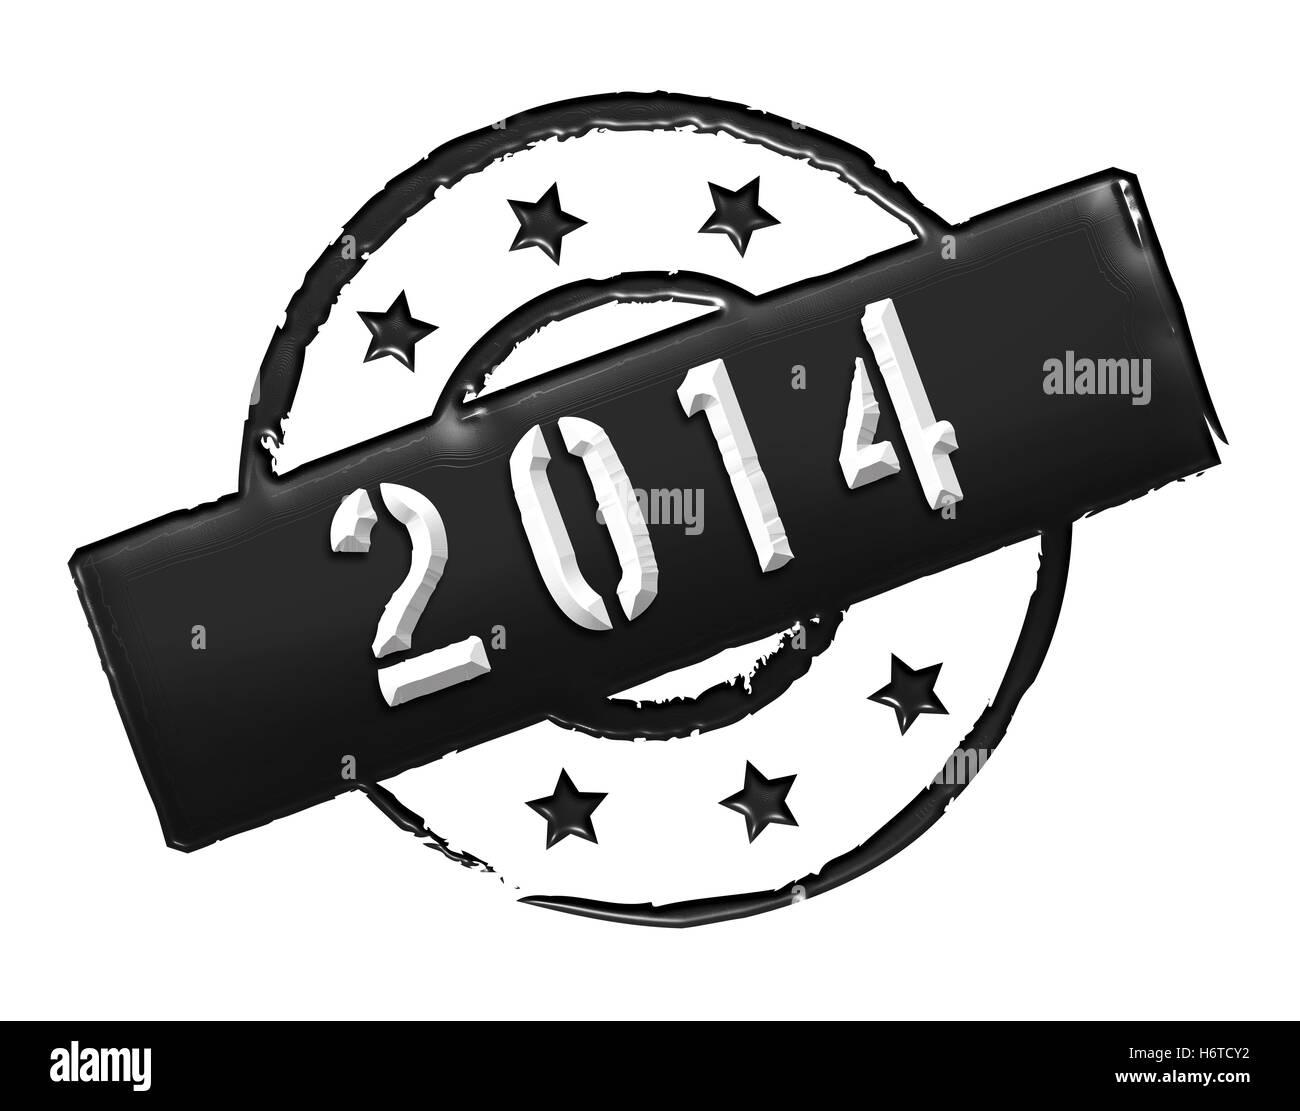 neue Jahre Jahr isoliert zukünftige neue Armee Vorsicht, dass wichtige abstrakte Militär Retro-Label Stempel Stockbild